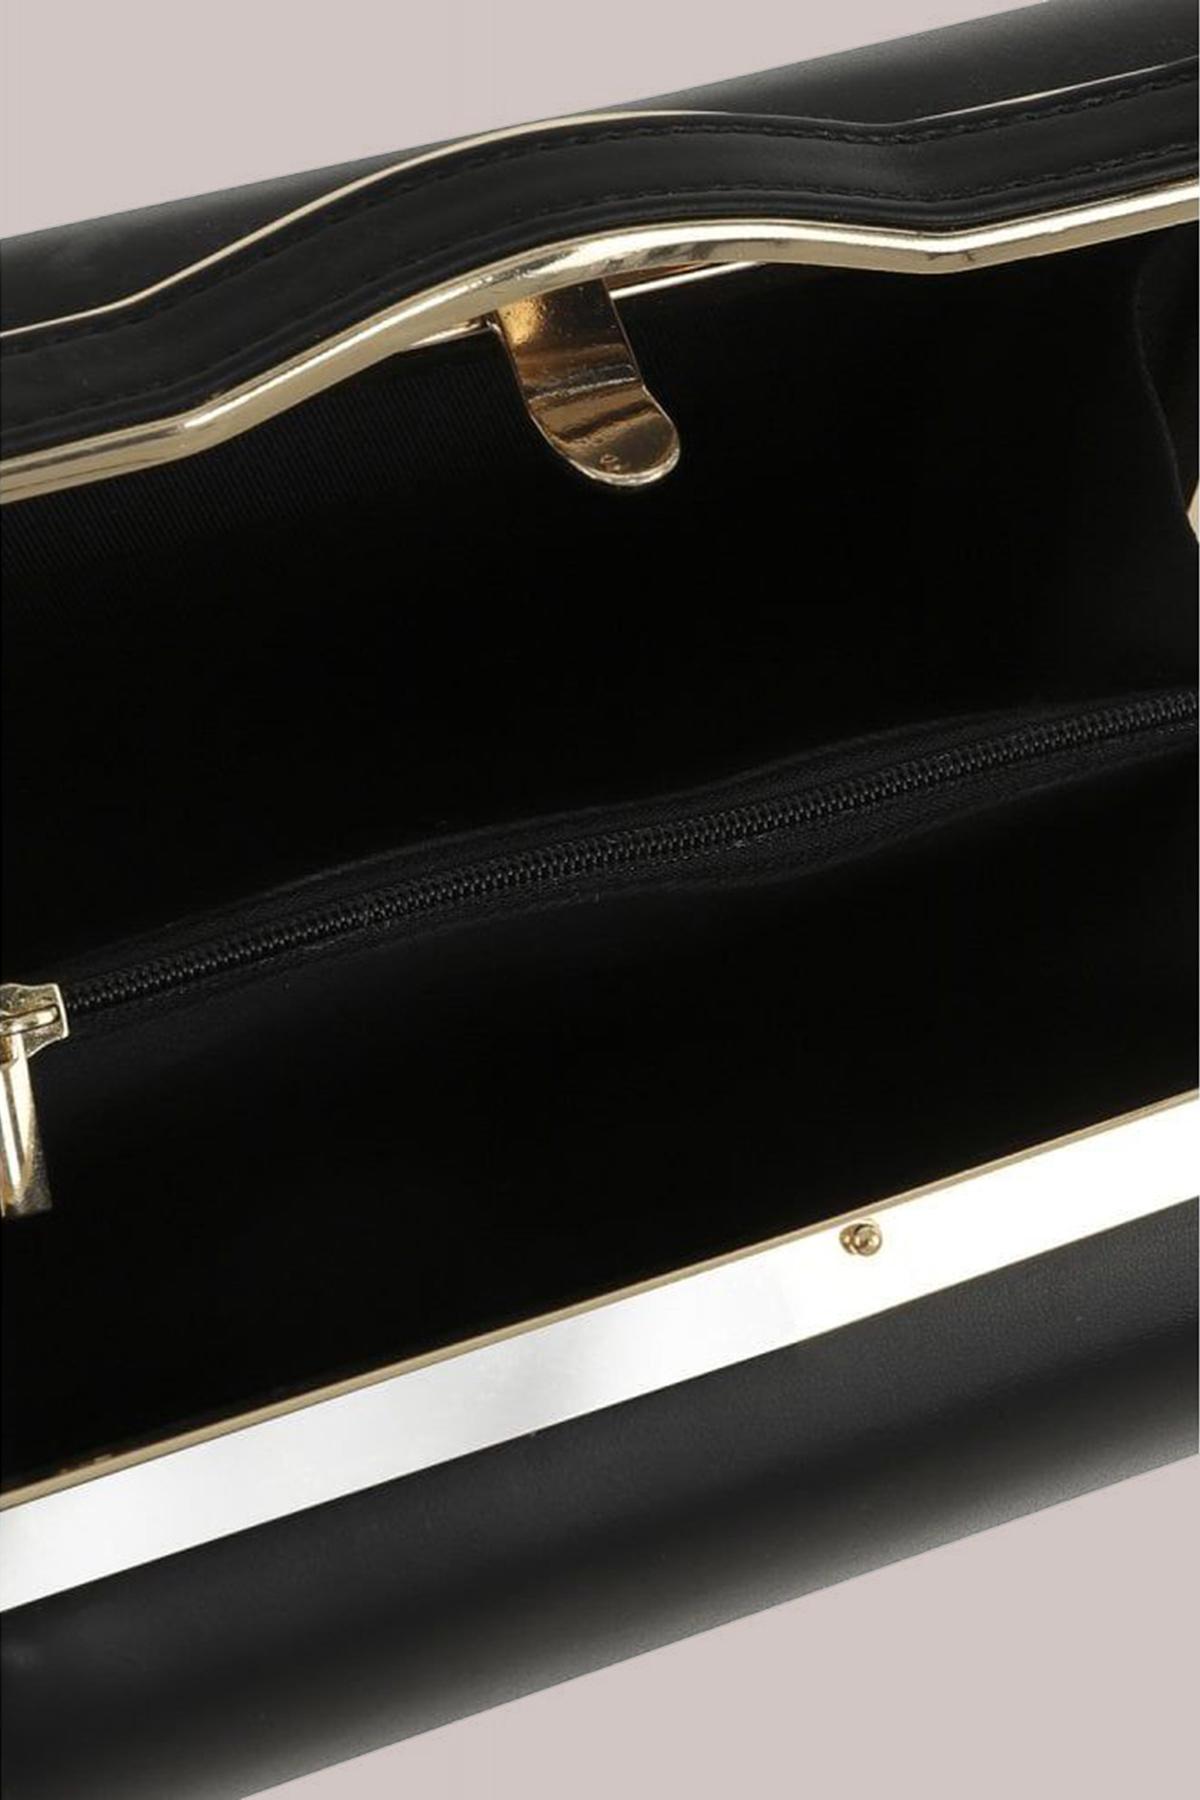 Μαύρη τσάντα από από δερματίνη με κοντό λουράκι για να φορεθεί από το πρωί μέχρι το βράδυ.